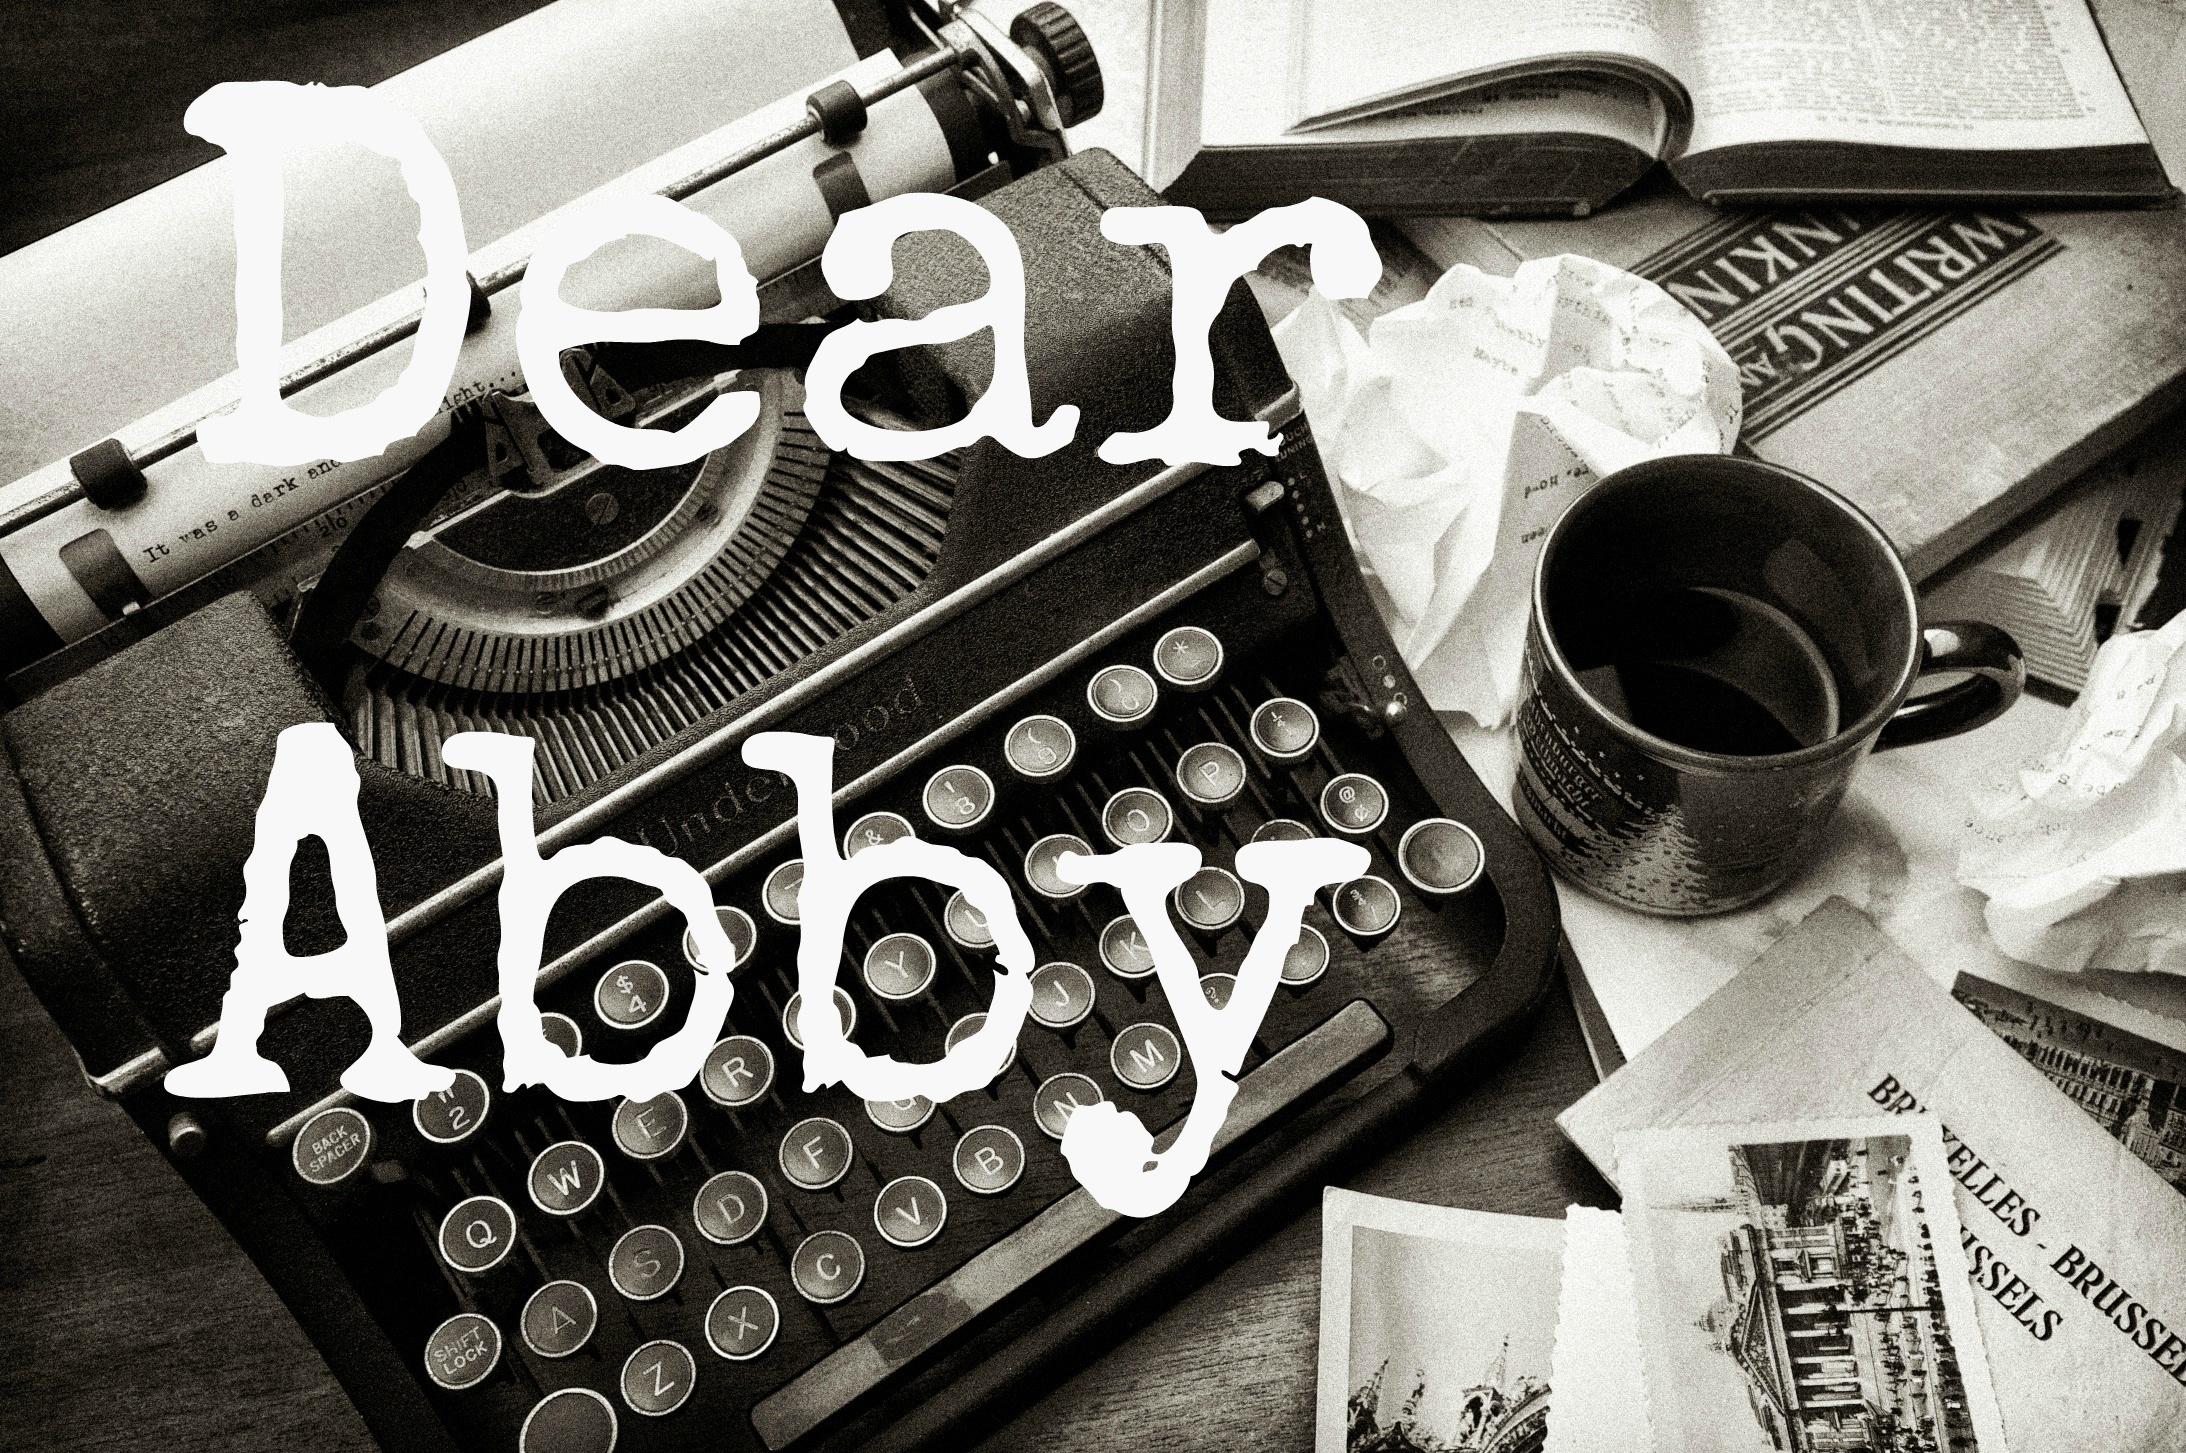 A Dear Abby Response